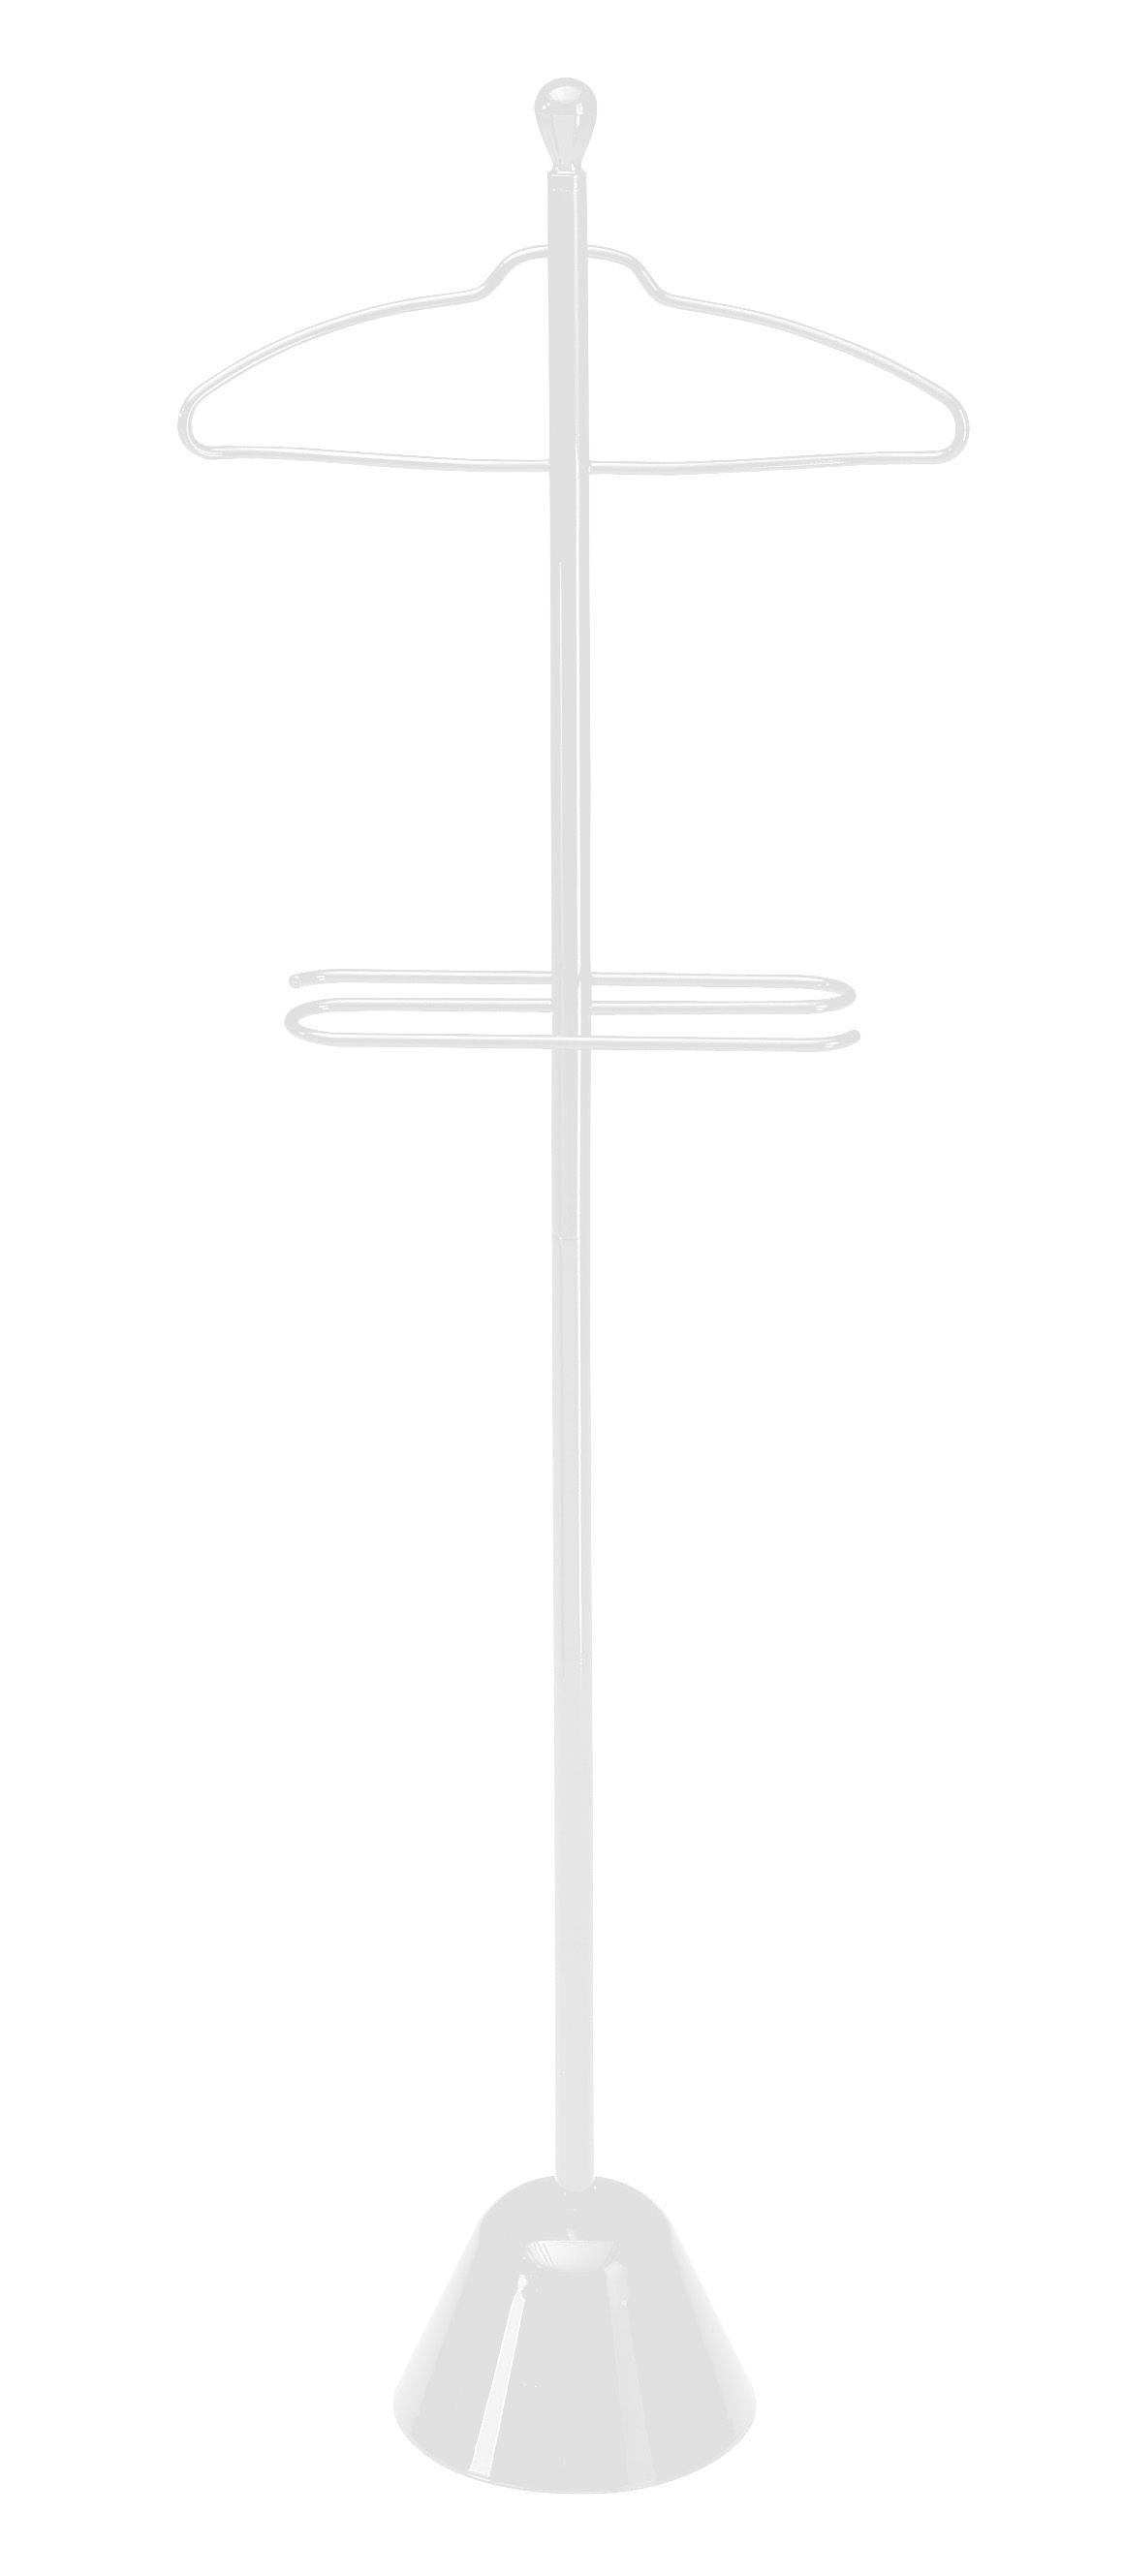 Möbel - Beistell-Möbel - Servonotte Stummer Diener - Zanotta - Weiß - gefirnister Stahl